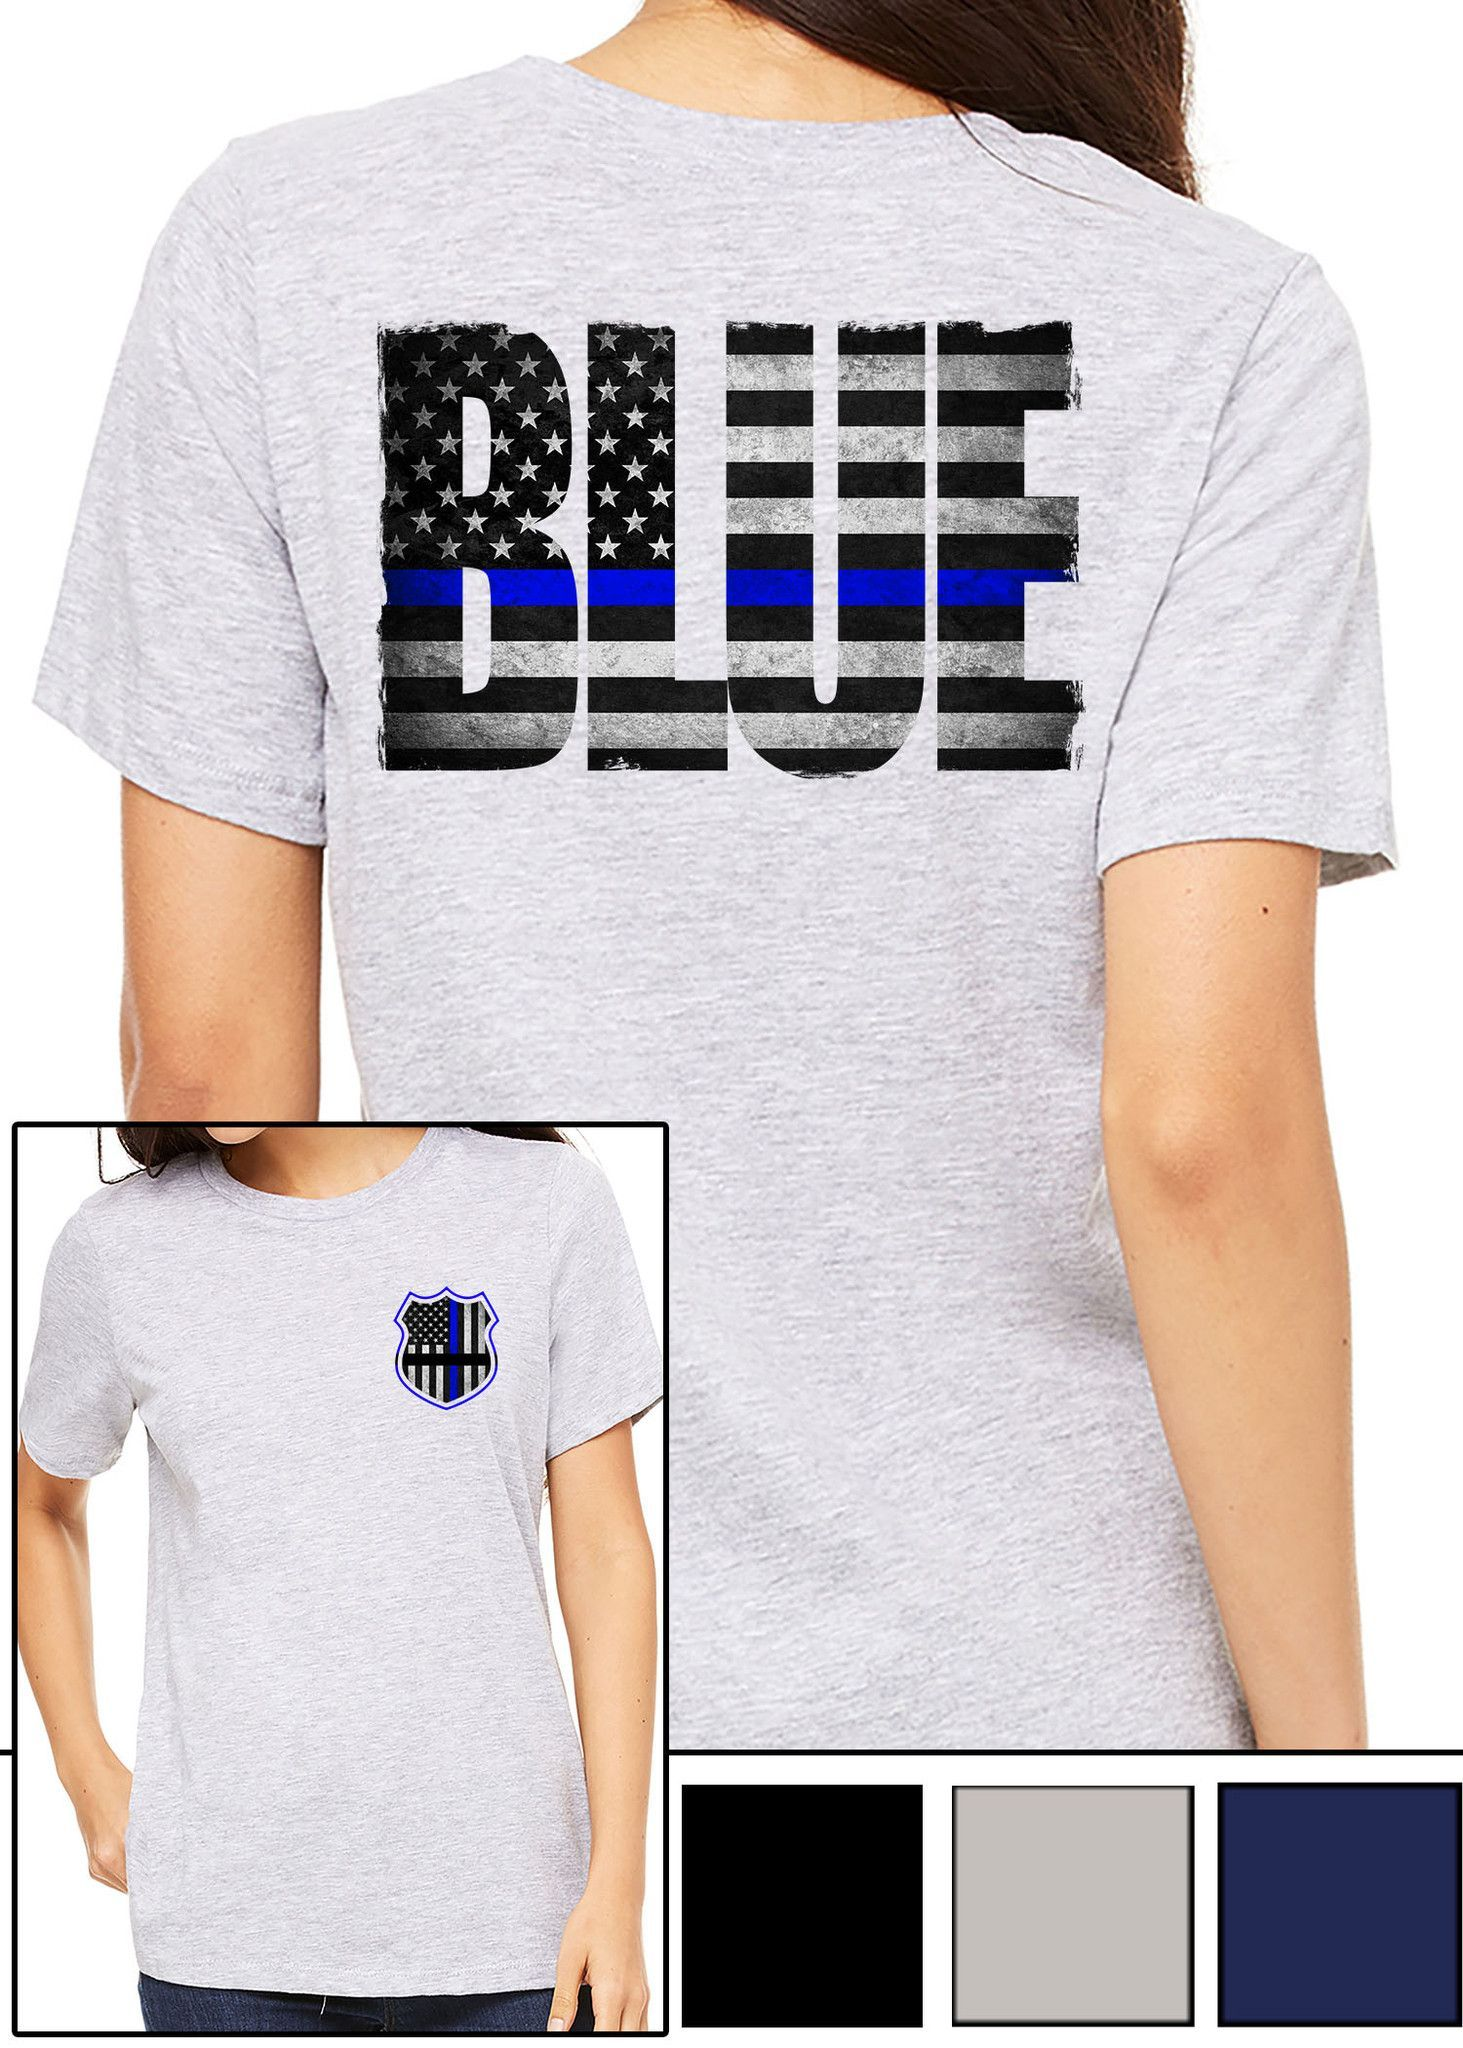 f8403da5 WOMEN'S T-SHIRT- BACK THE BLUE   My dad   T shirts for women, Women ...